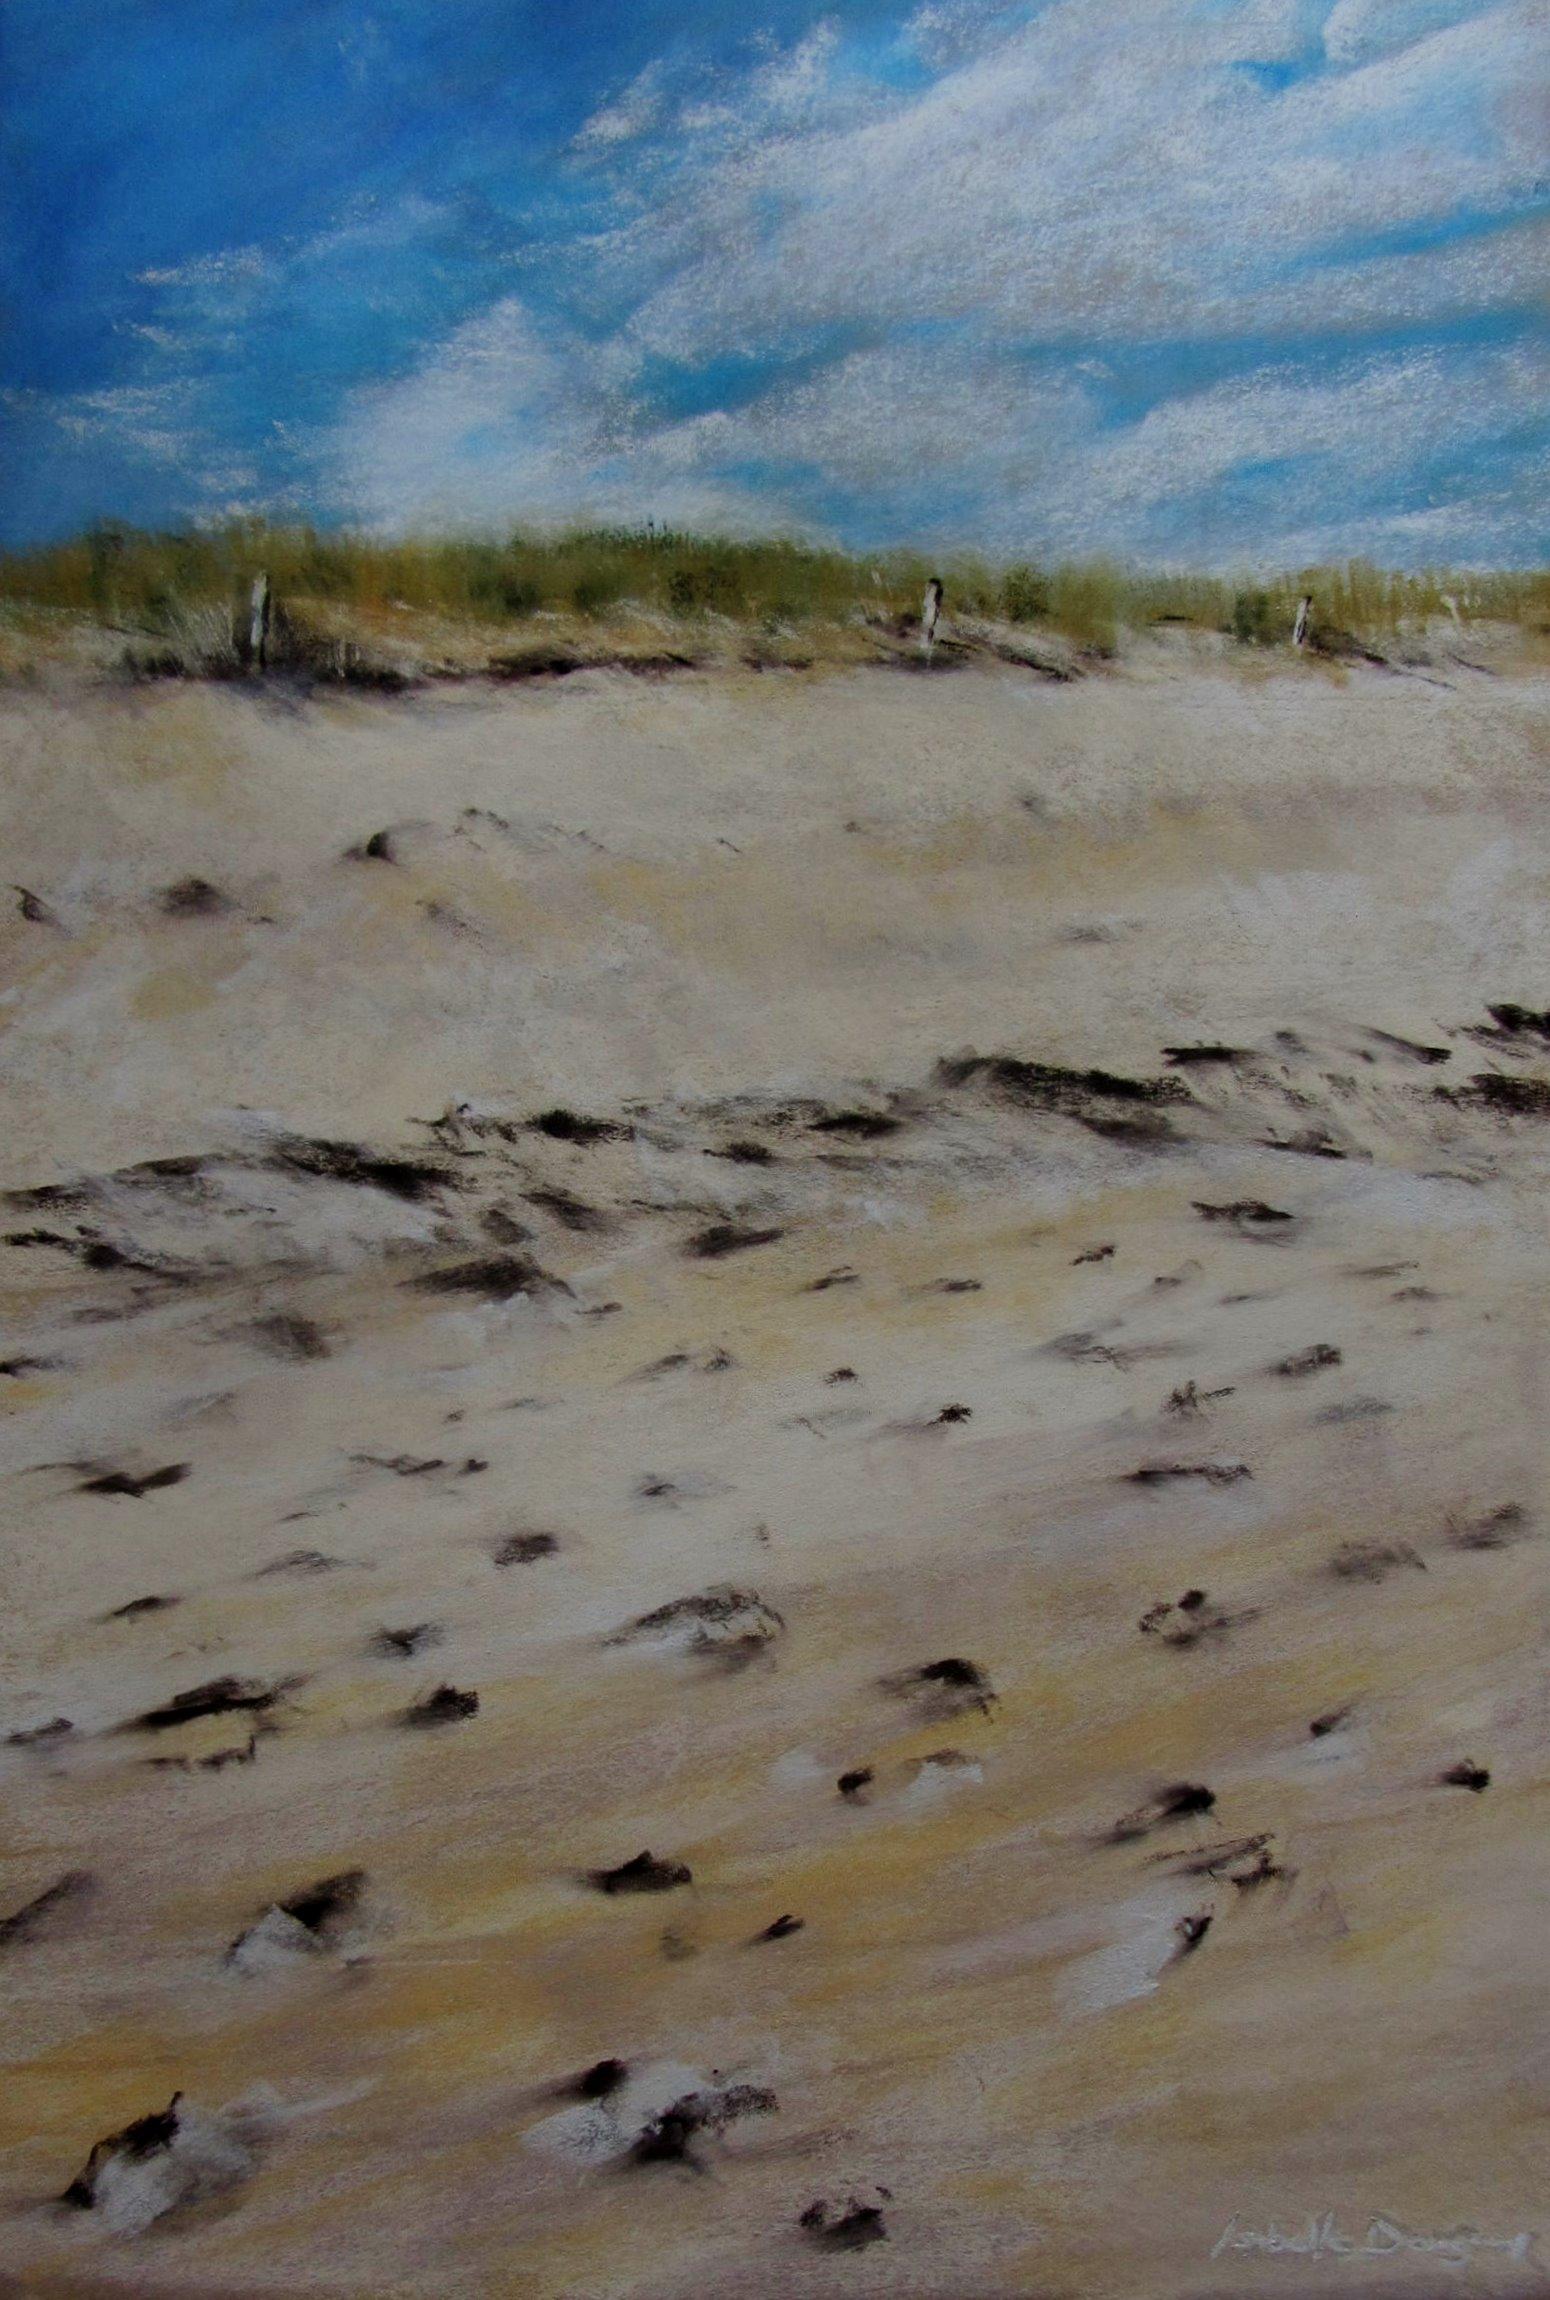 La dune - Peinture au pastel sec par l'artiste peintre Isabelle Douzamy - 51x71 cm (encadré)